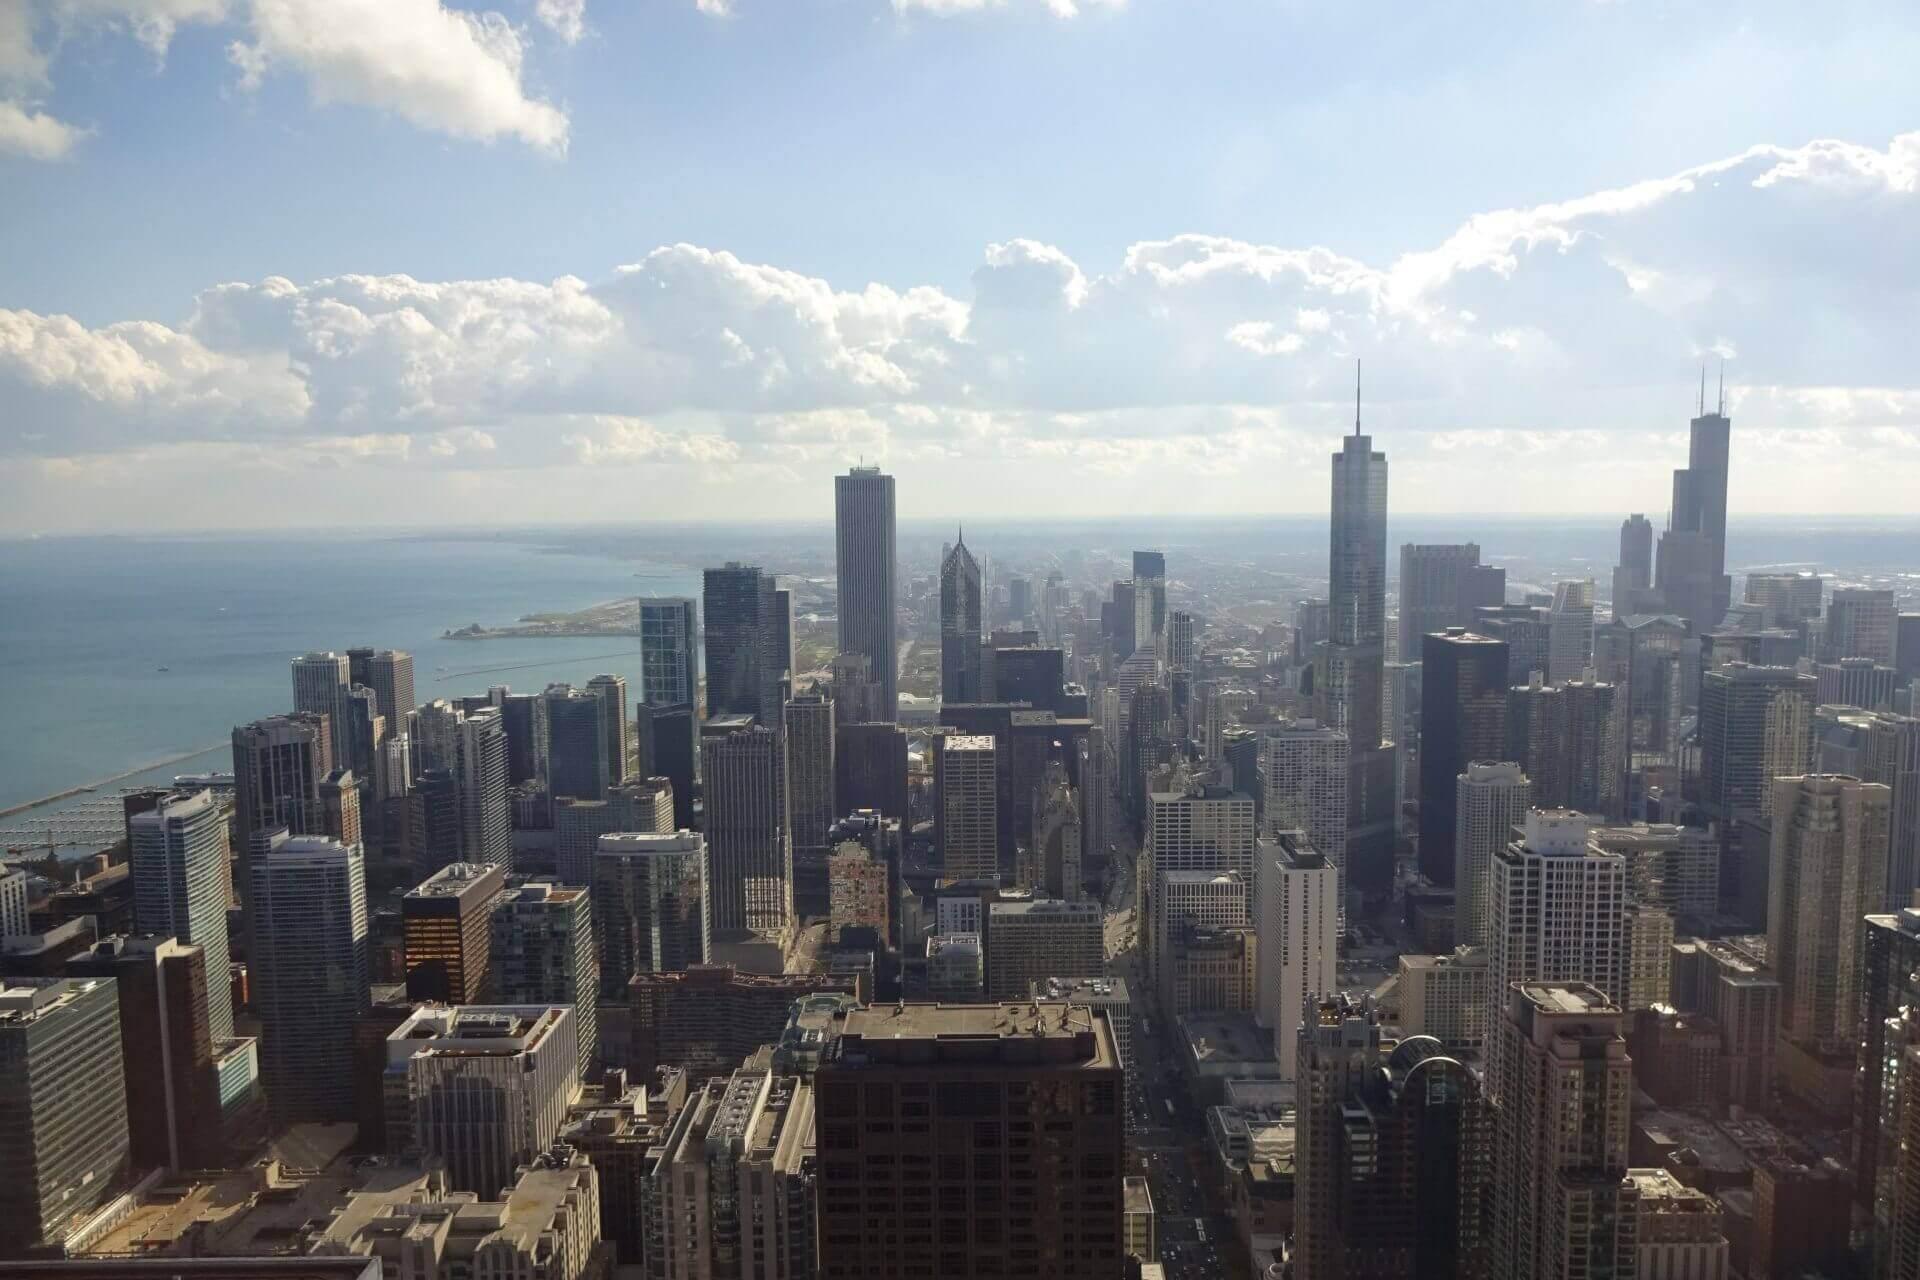 Ausblick auf The Loop vom observatory im 94. Stockwerk des John Hancock Center. Bilder und Eindrücke aus Chicago, Illinois, United States.